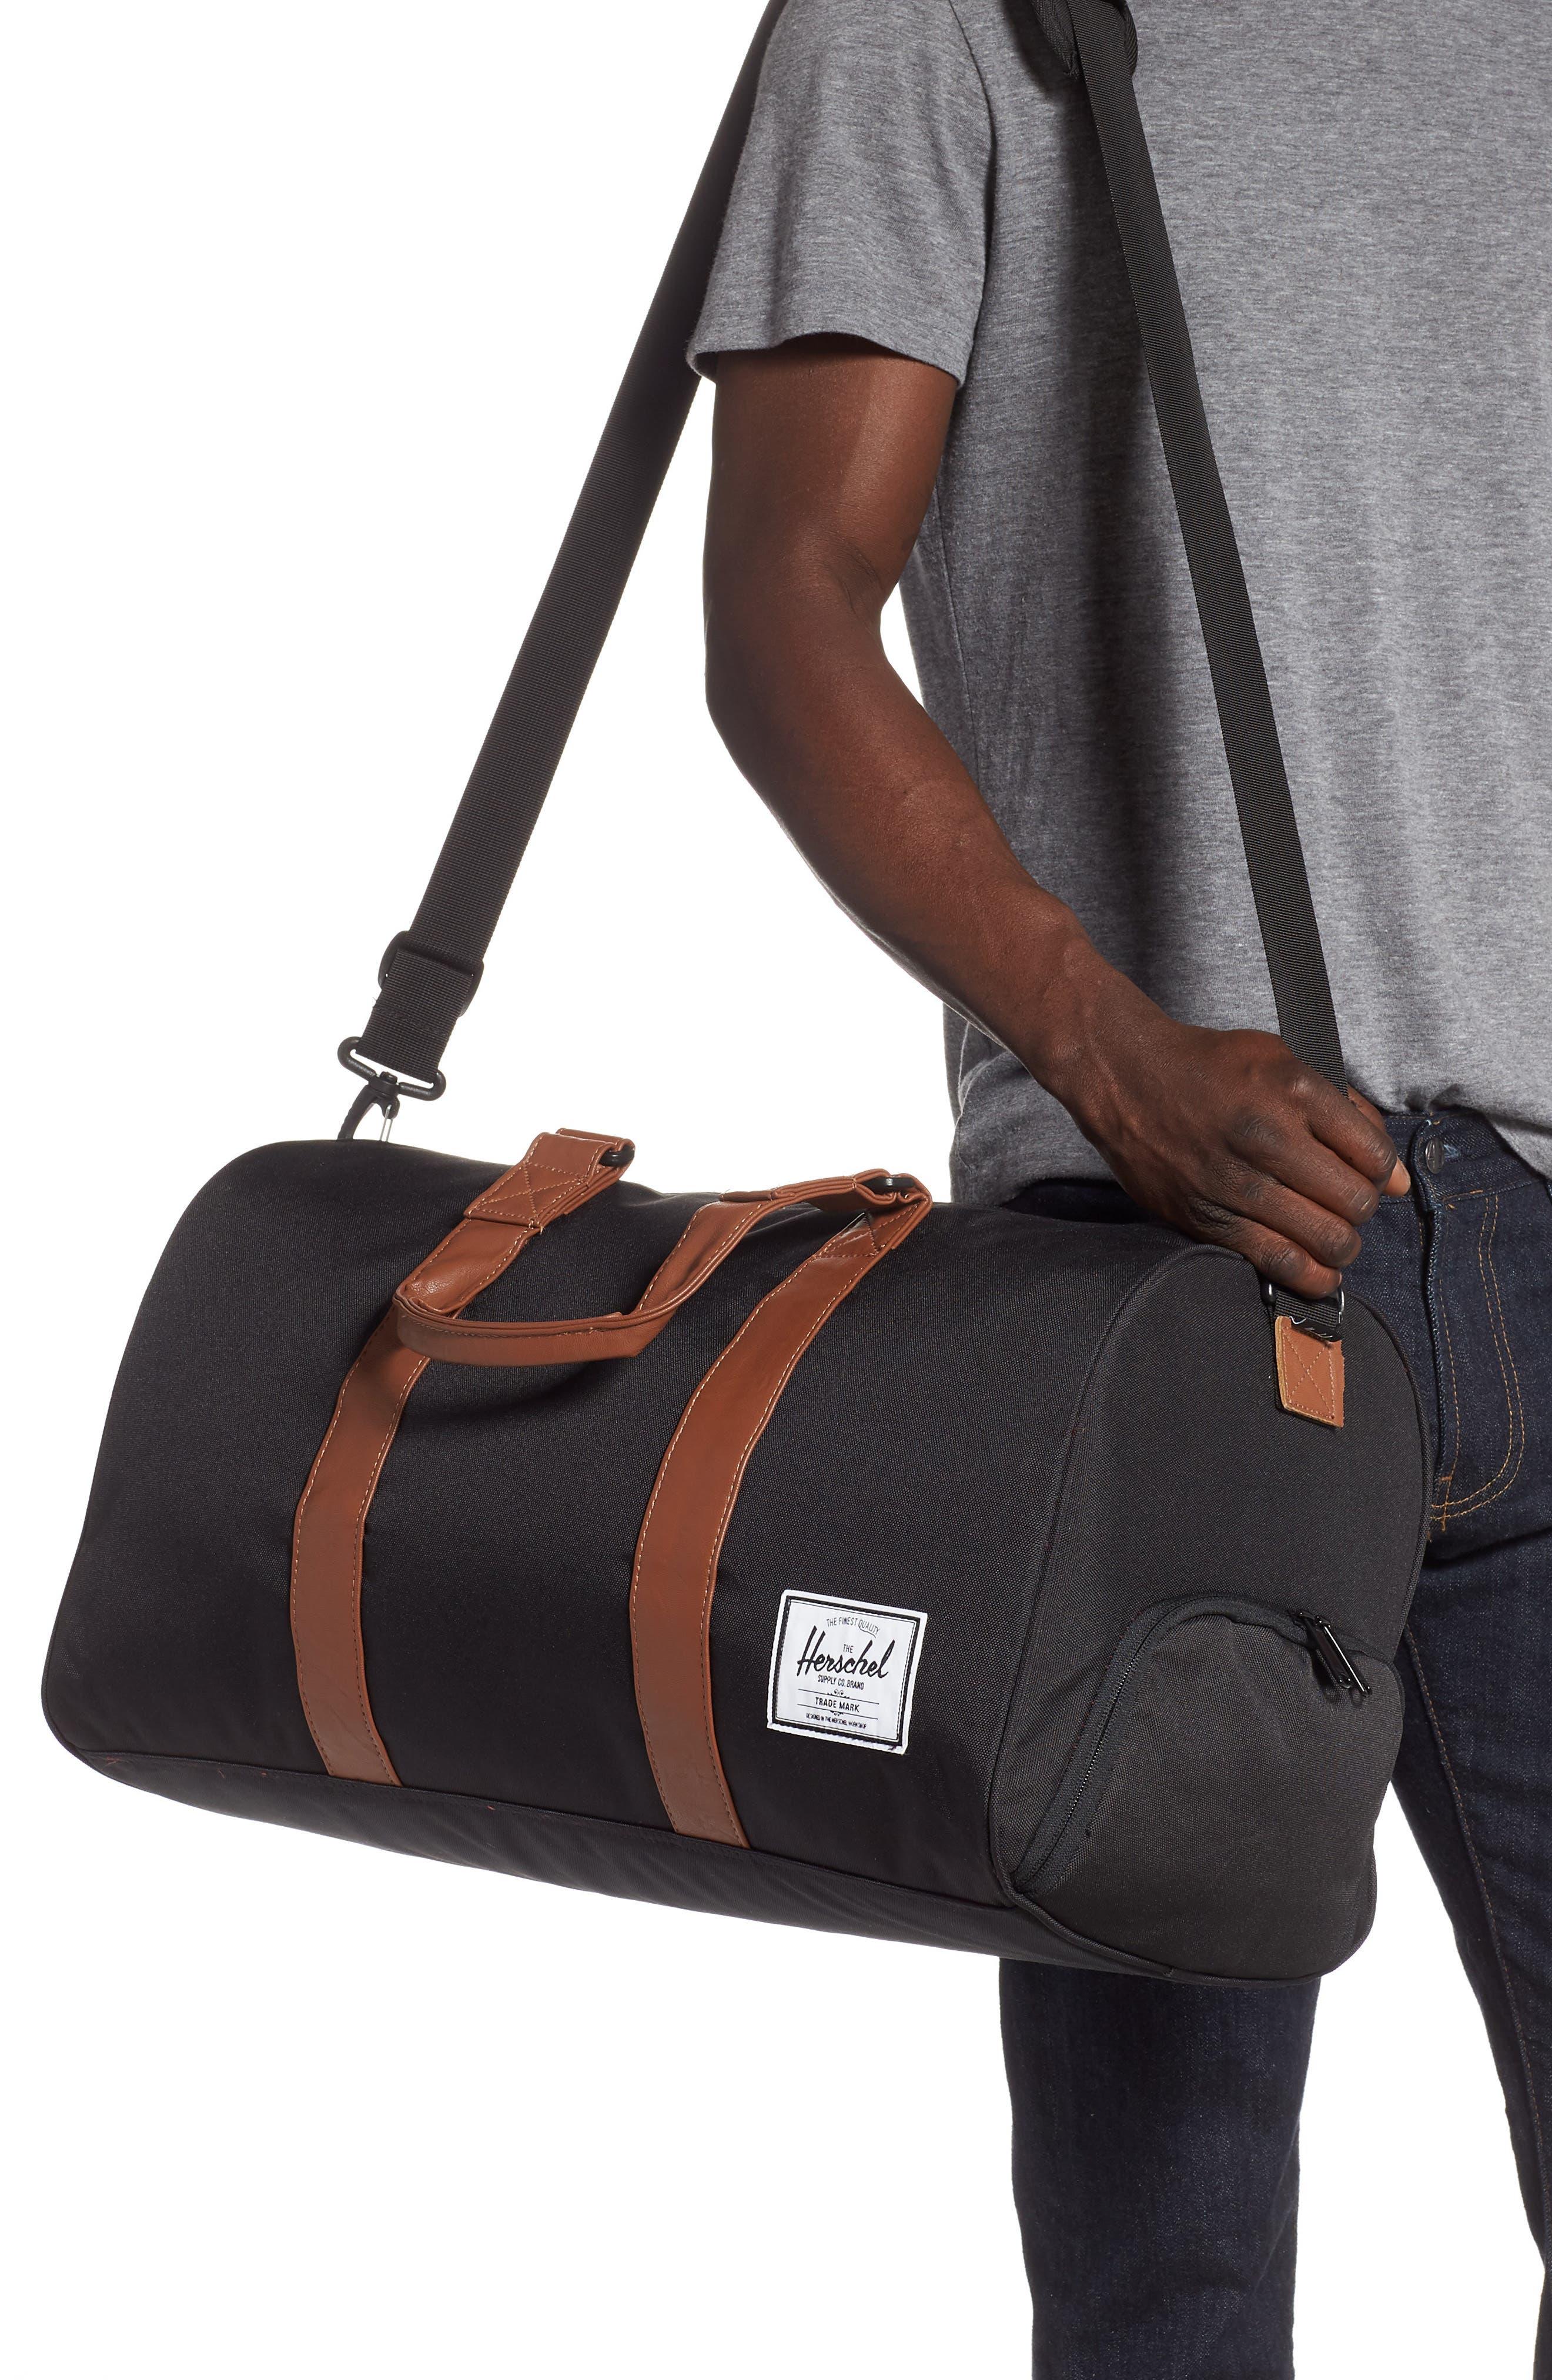 8138d62bc6ea Men s Duffel Bags  Leather